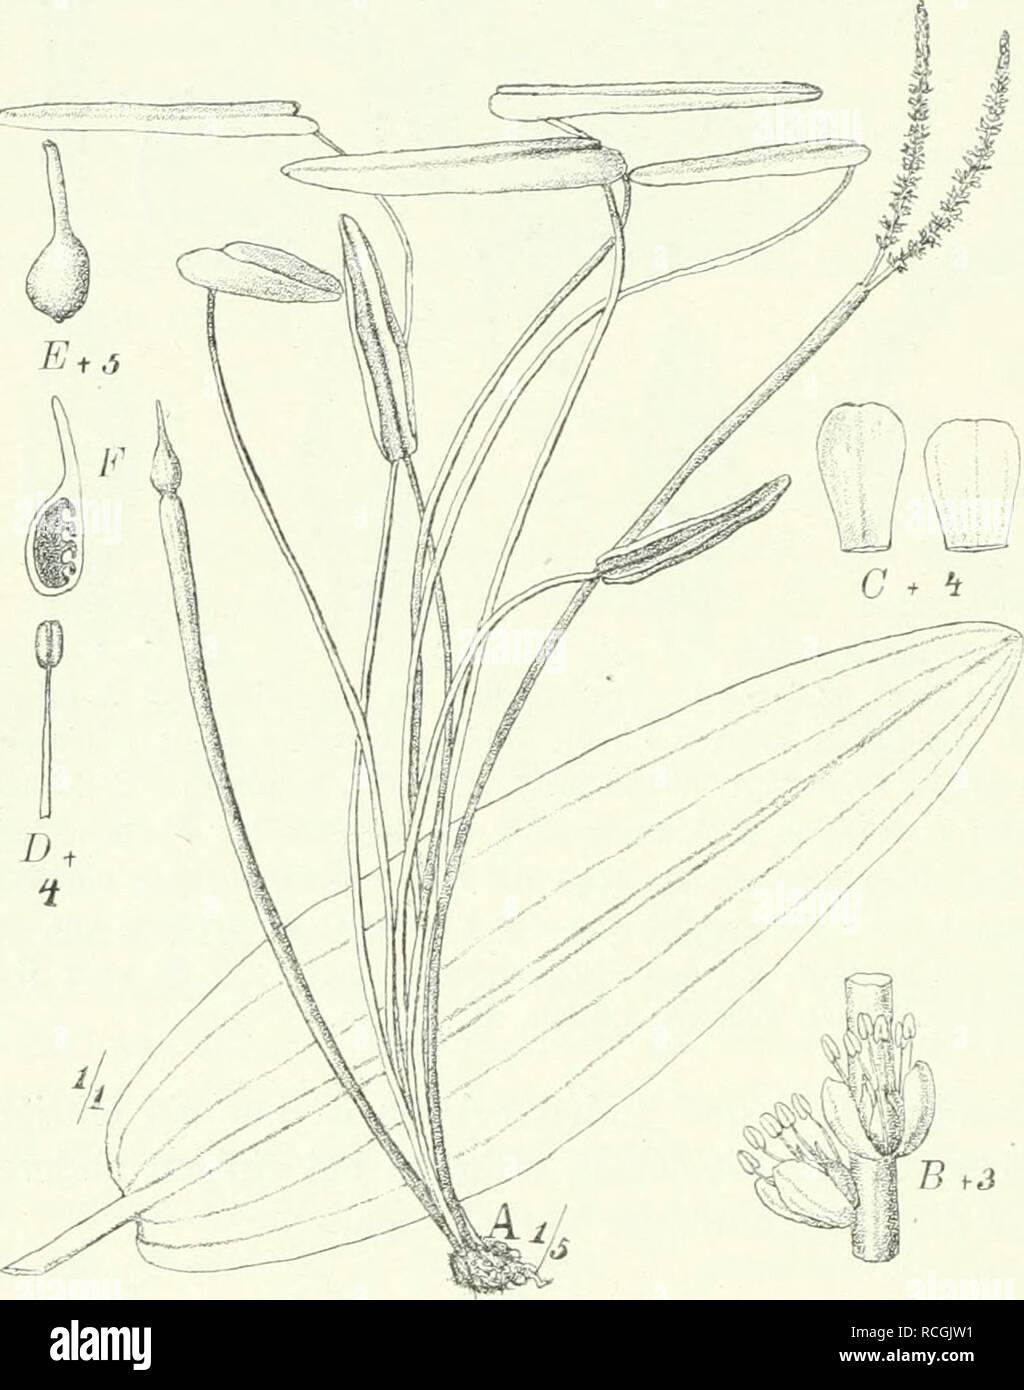 . Die Pflanzenwelt Afrikas, insbesondere seiner tropischen Gebiete : Grundzge der Pflanzenverbreitung im Afrika und die Charakterpflanzen Afrikas. Botany. 100 Heloblae. — Aponogetonaceae. <!:^ felsen gebildet haben, im feinen Granitgrus wurzelnd. Wie bei Potamogeton gibt es auch Aponogcton mit schwimmenden Blattspreiten und solche mit ganz untergetauchten Blättern. Letztere sind sehr- zart und ohne Cuticula, bei dem auf Madagaskar wachsenden A. Beiniier'ianus (Dcsne.) Hook. f. zwischen den Adern teilweise und bei dem ebenda vorkommenden Ä. fenestralis (Poir.) Hook, f [Ouvirandra^ Gitterpfla - Stock Image